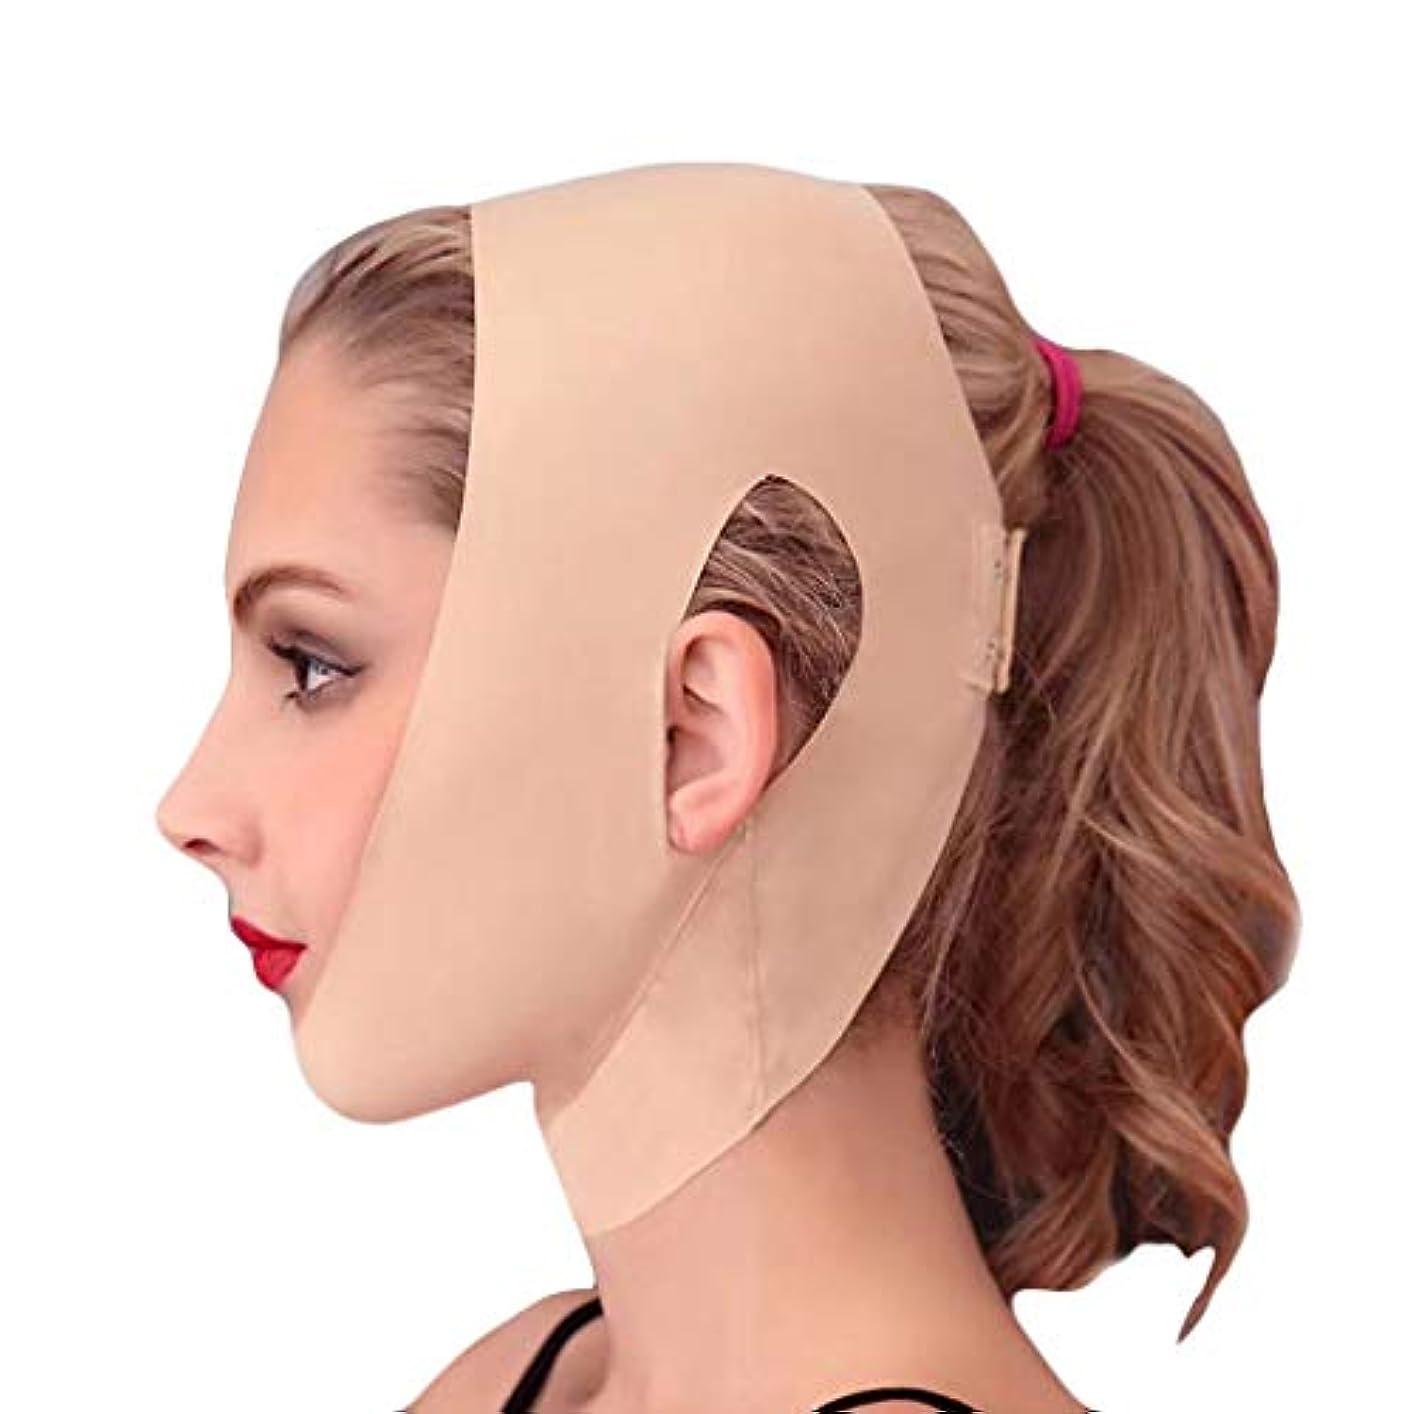 取り消すアトムお酢XHLMRMJ しっかりした包帯を持ち上げる、顔を持ち上げる、フェイスリフトを引き締める、顔用減量ベルト のための顔用リフトツール